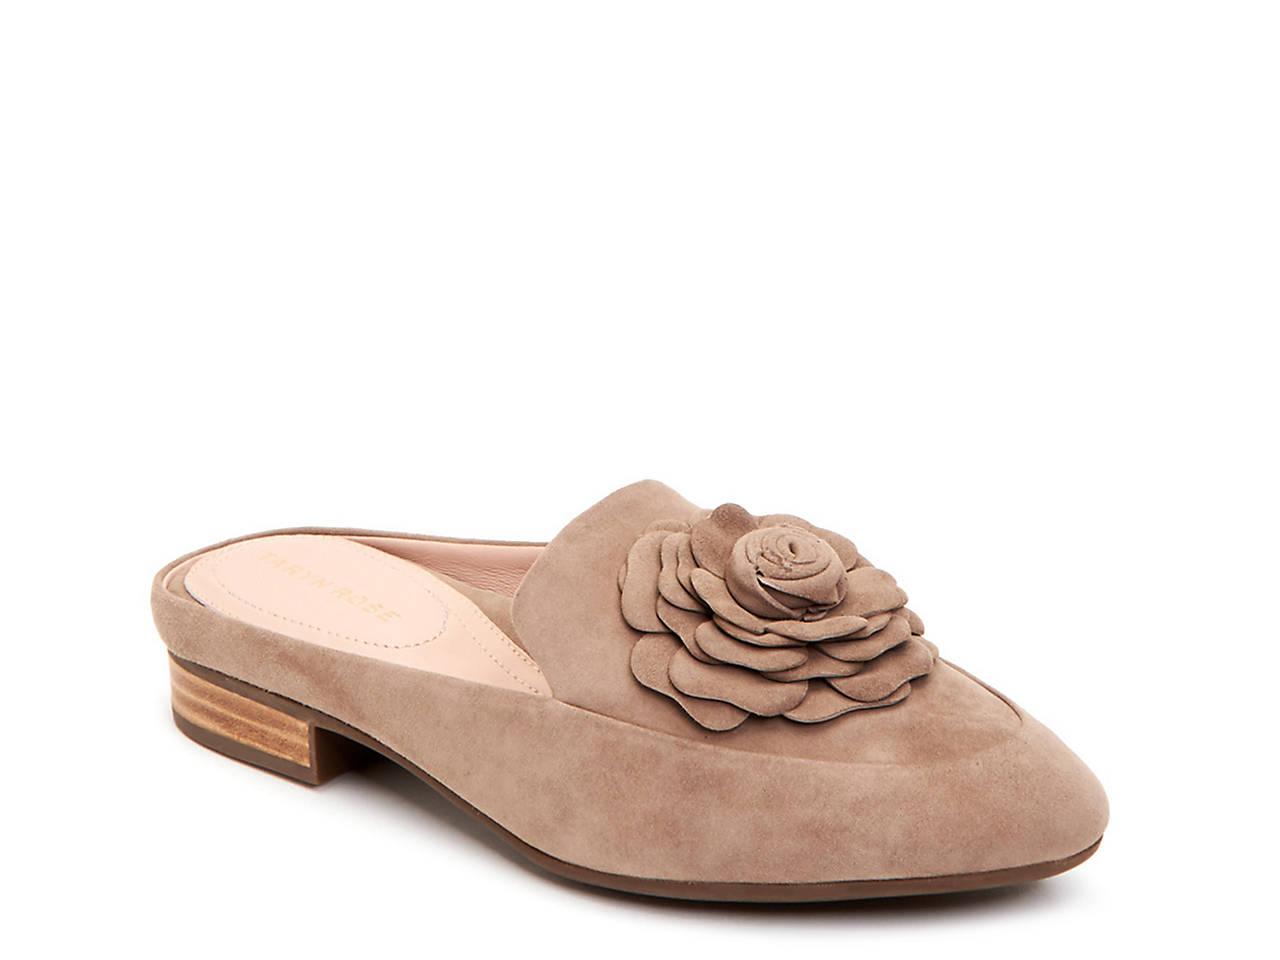 f94bd16dbe6 Taryn Rose Blythe Mule Women s Shoes